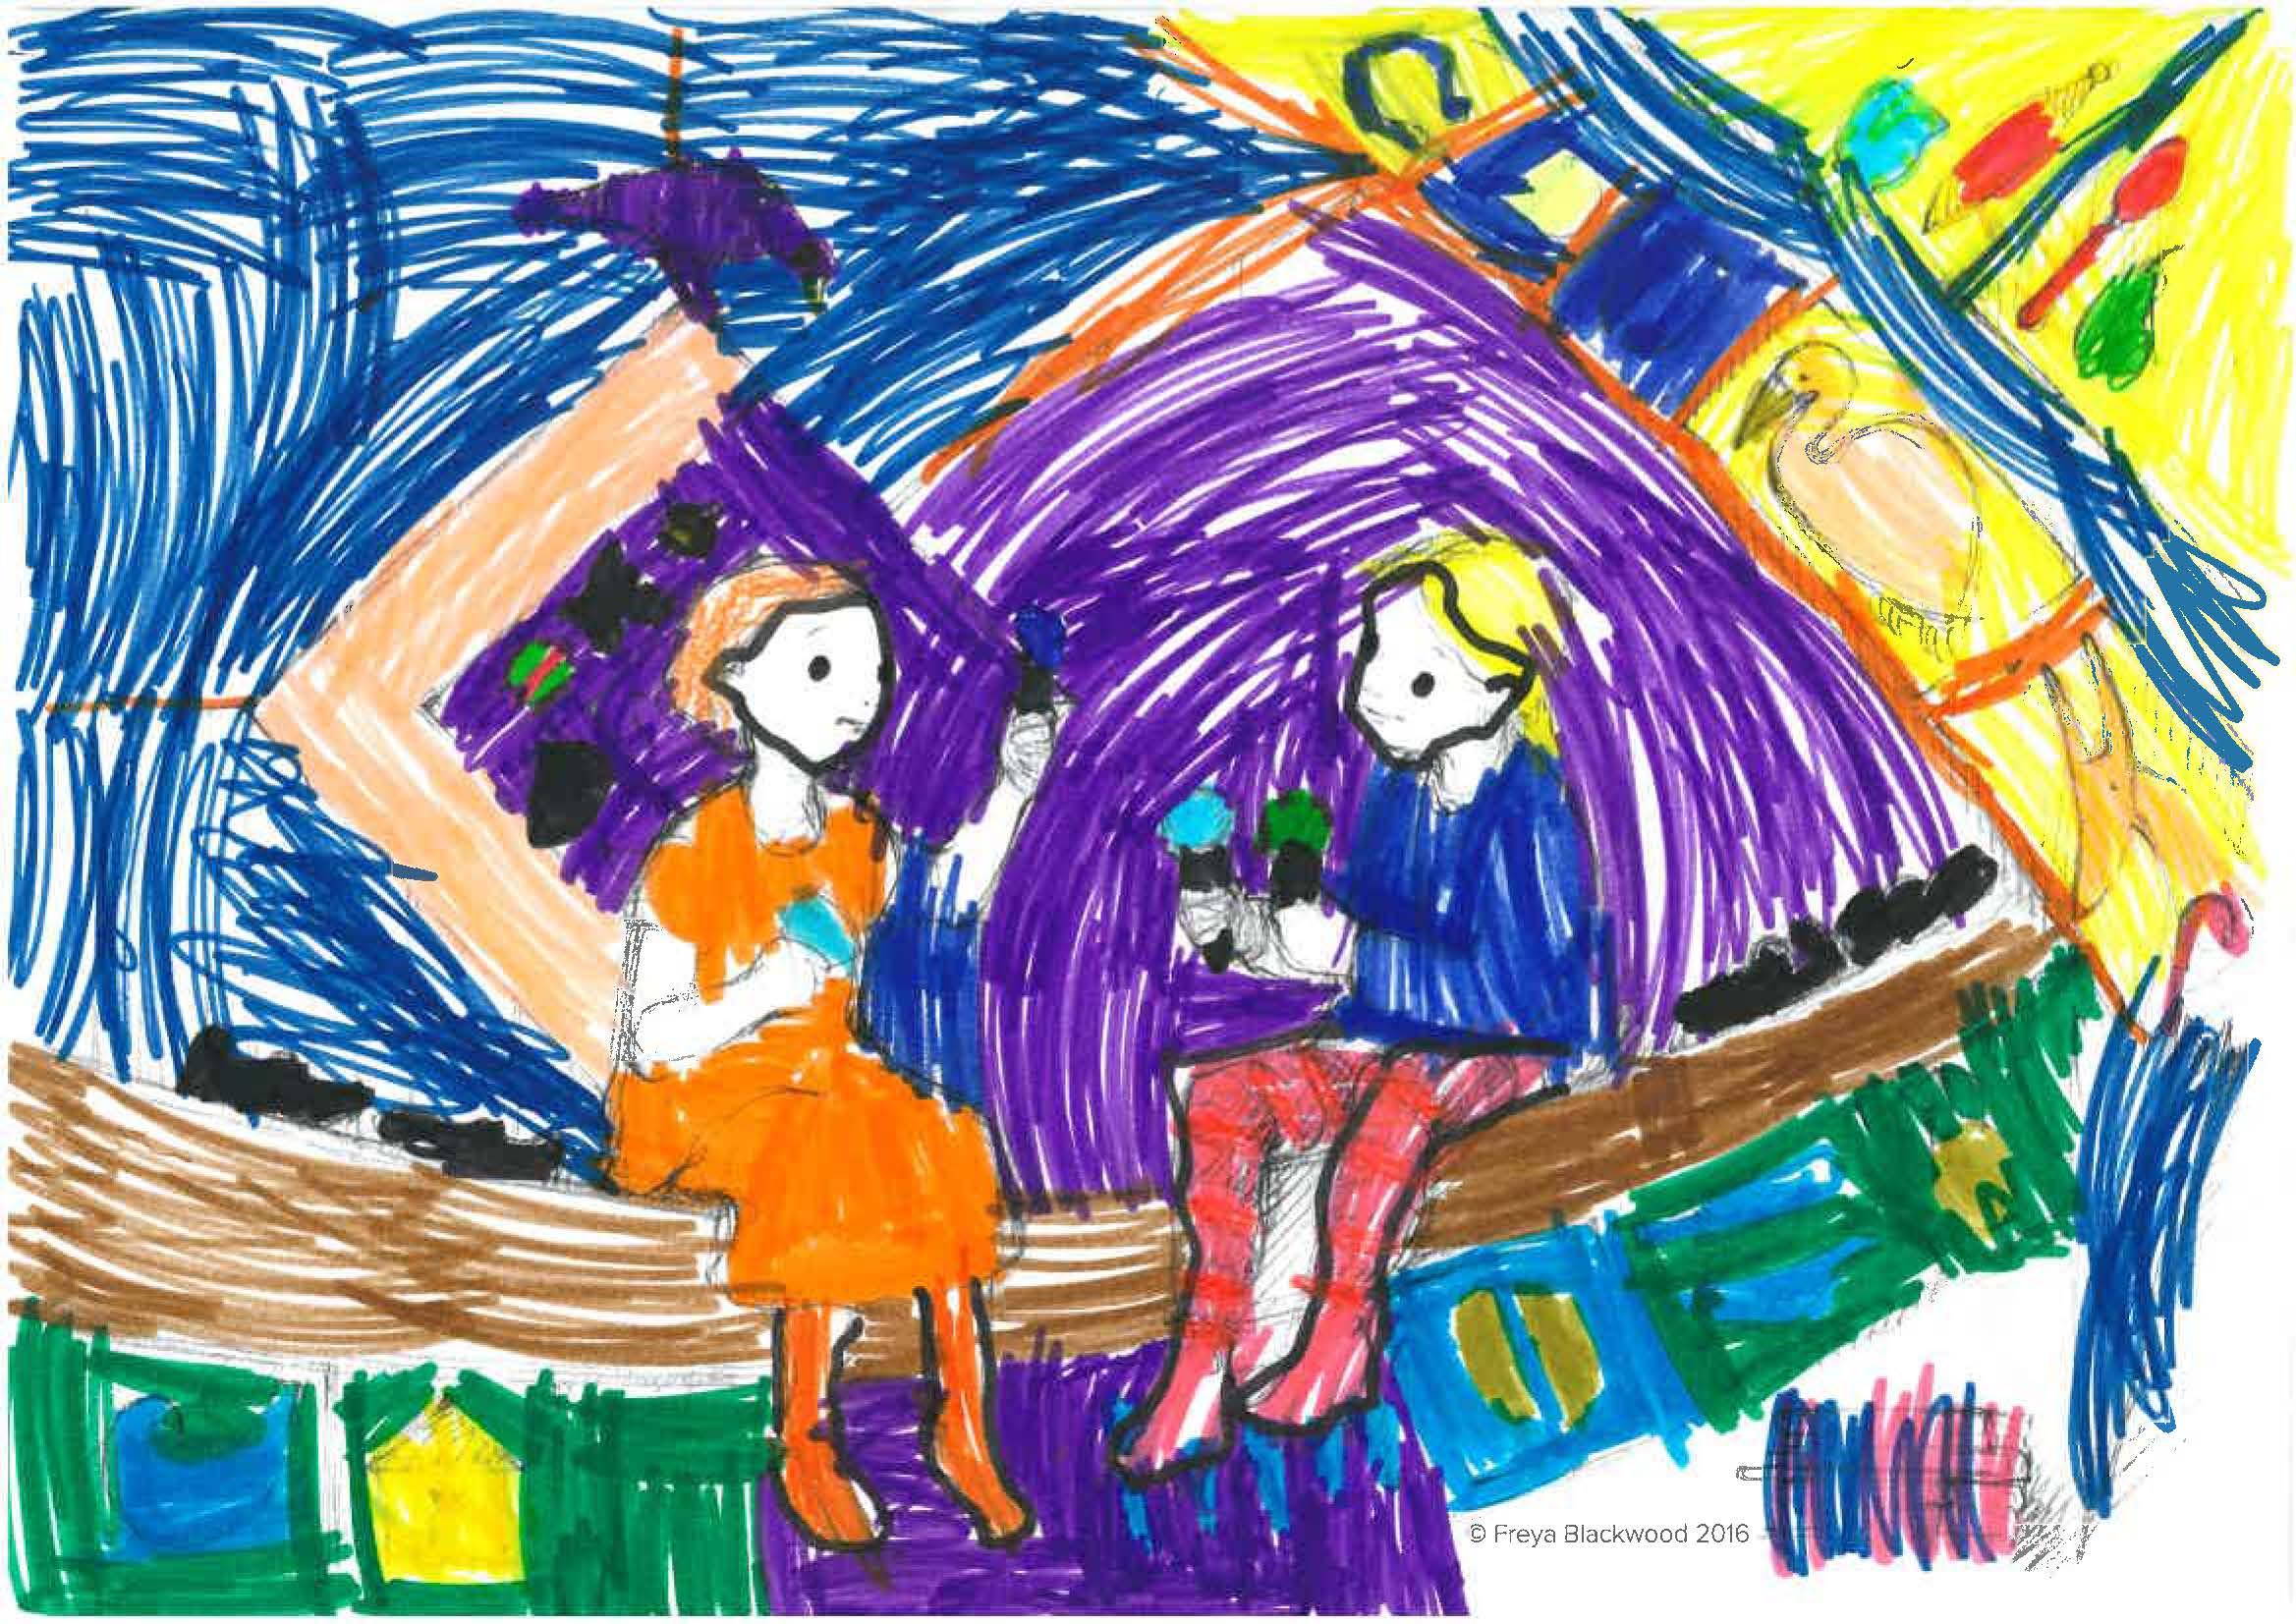 Charlotte, age 6, Woollahra Public School, NSW